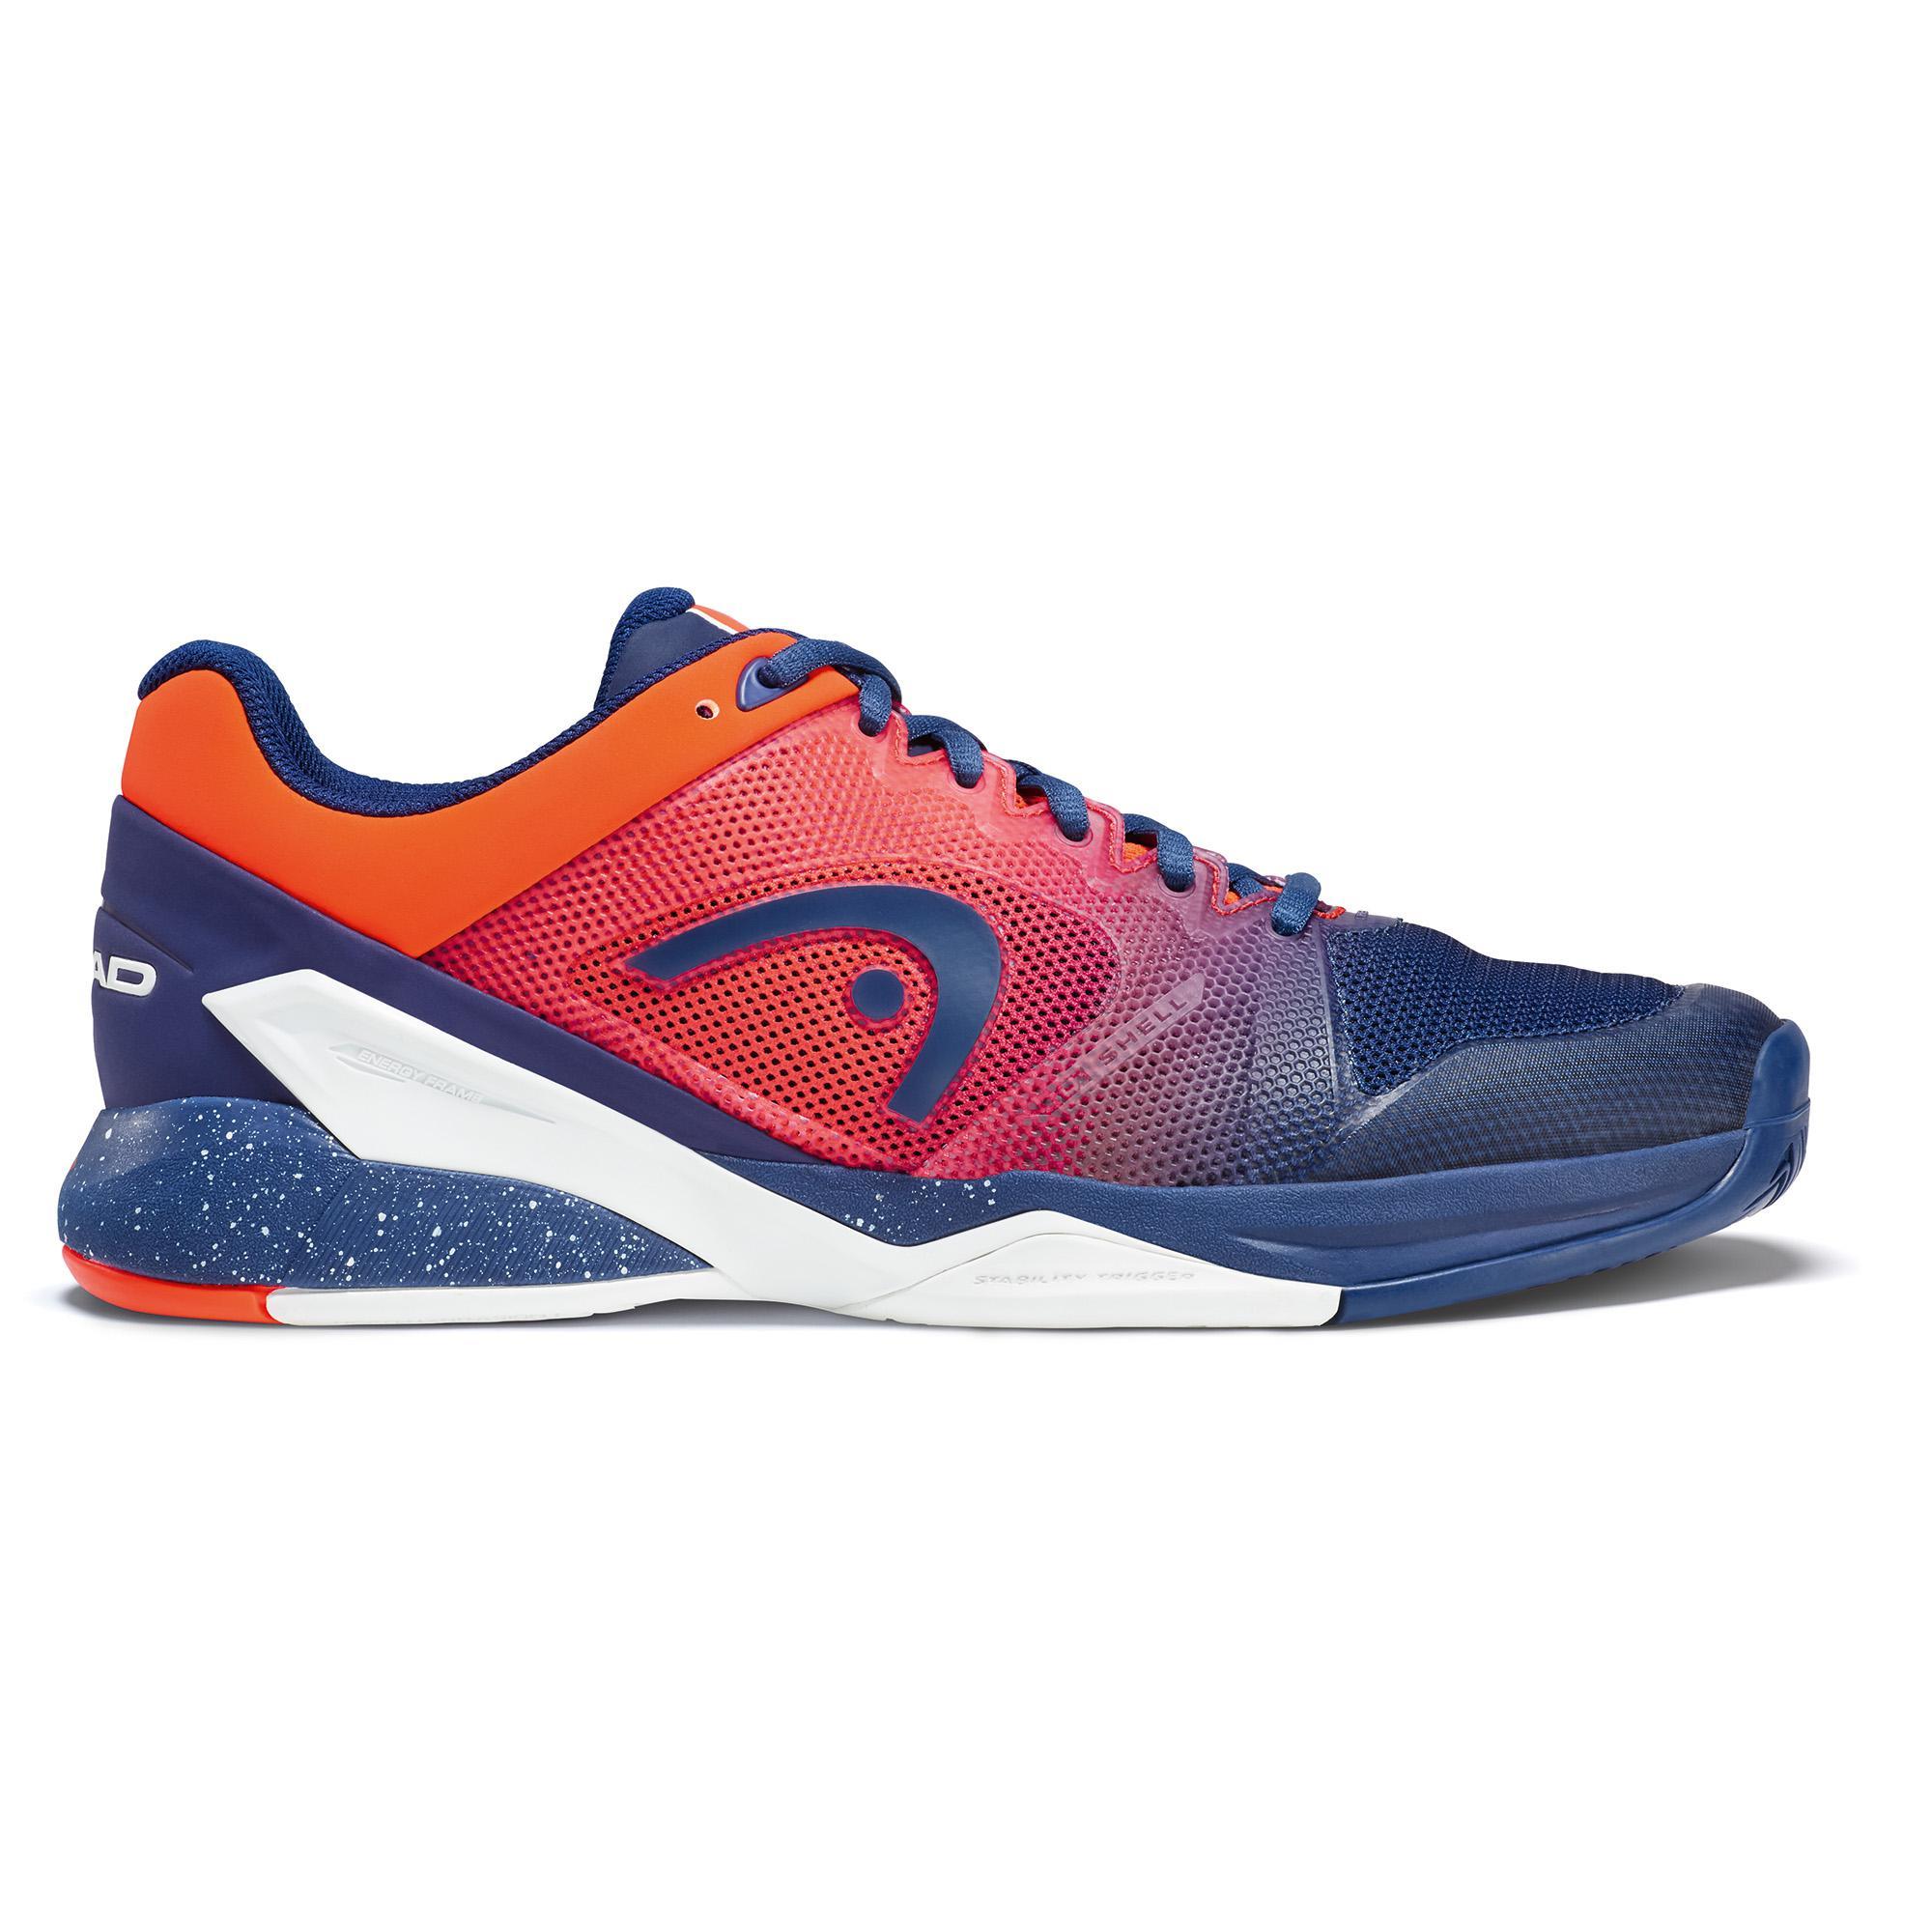 1bdc311e2 Head Mens Revolt Pro 2.5 Tennis Shoes - Blue Flame Orange - Tennisnuts.com